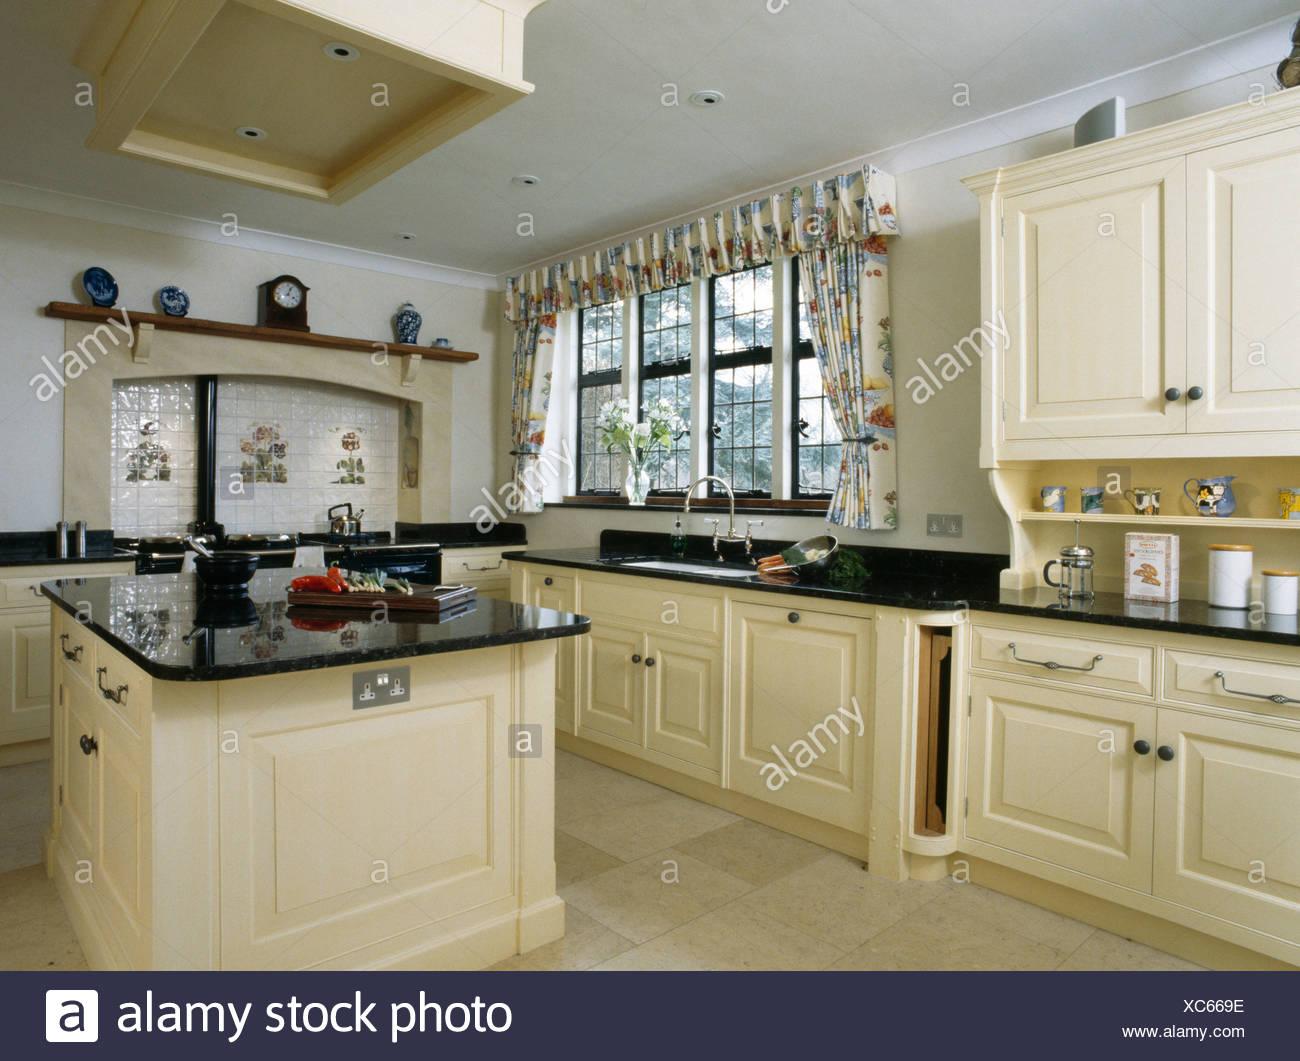 Creme Mit Granit Arbeitsplatte In Großen Weißen Landhausküche Mit